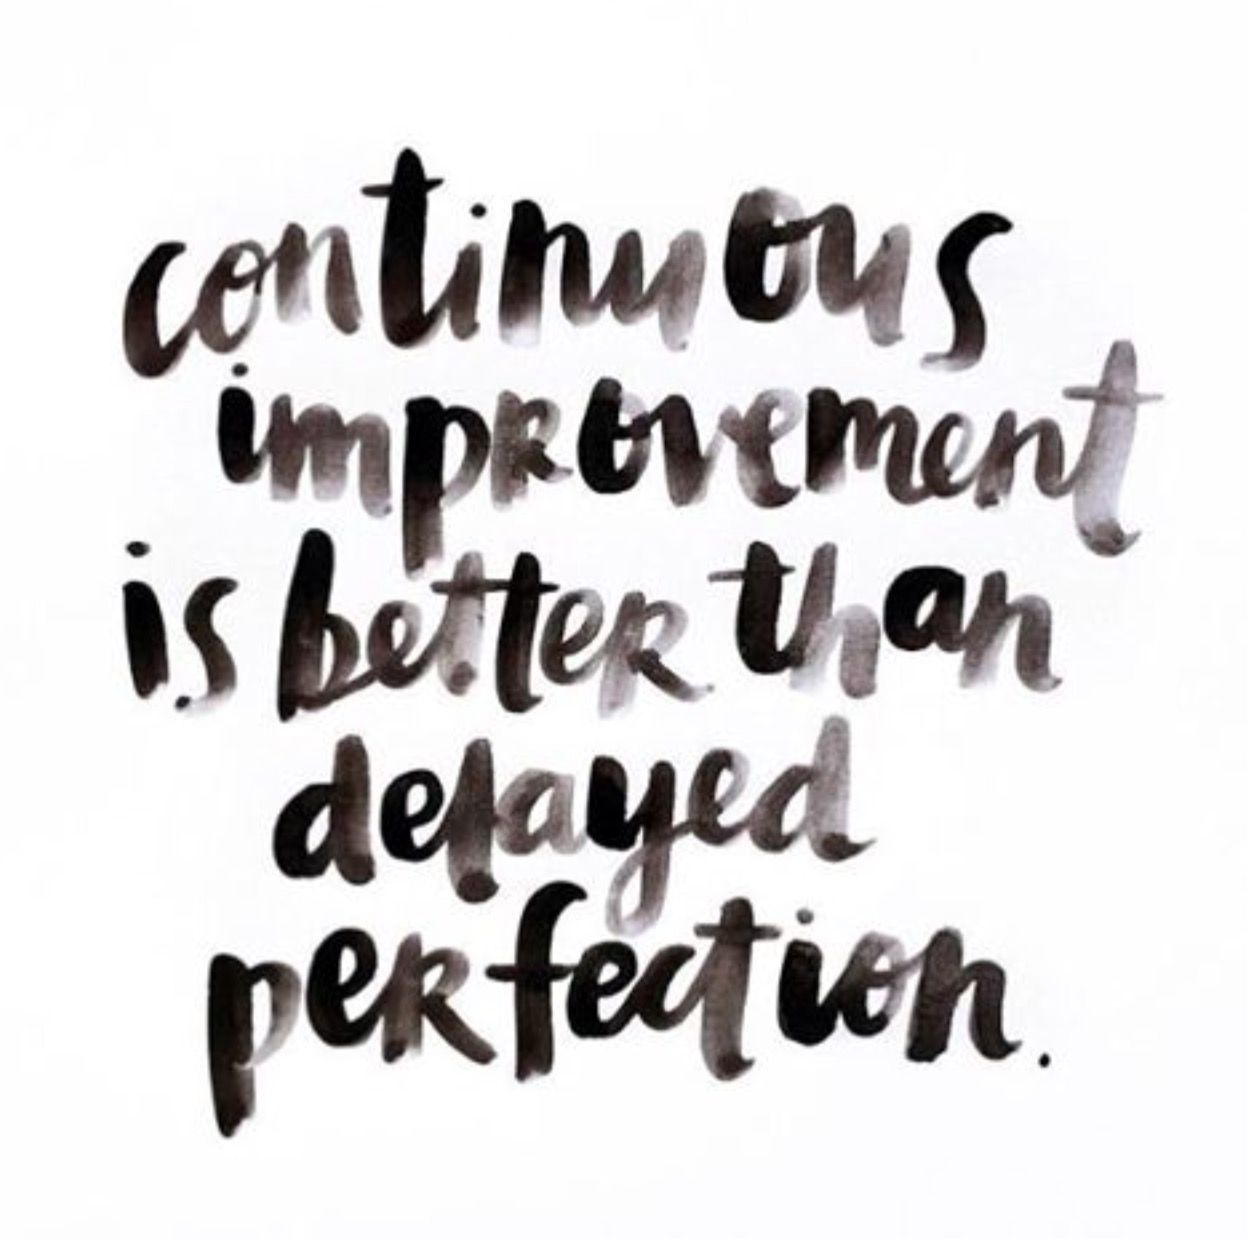 Afbeeldingsresultaat voor continuous improvement versus delayed perfection